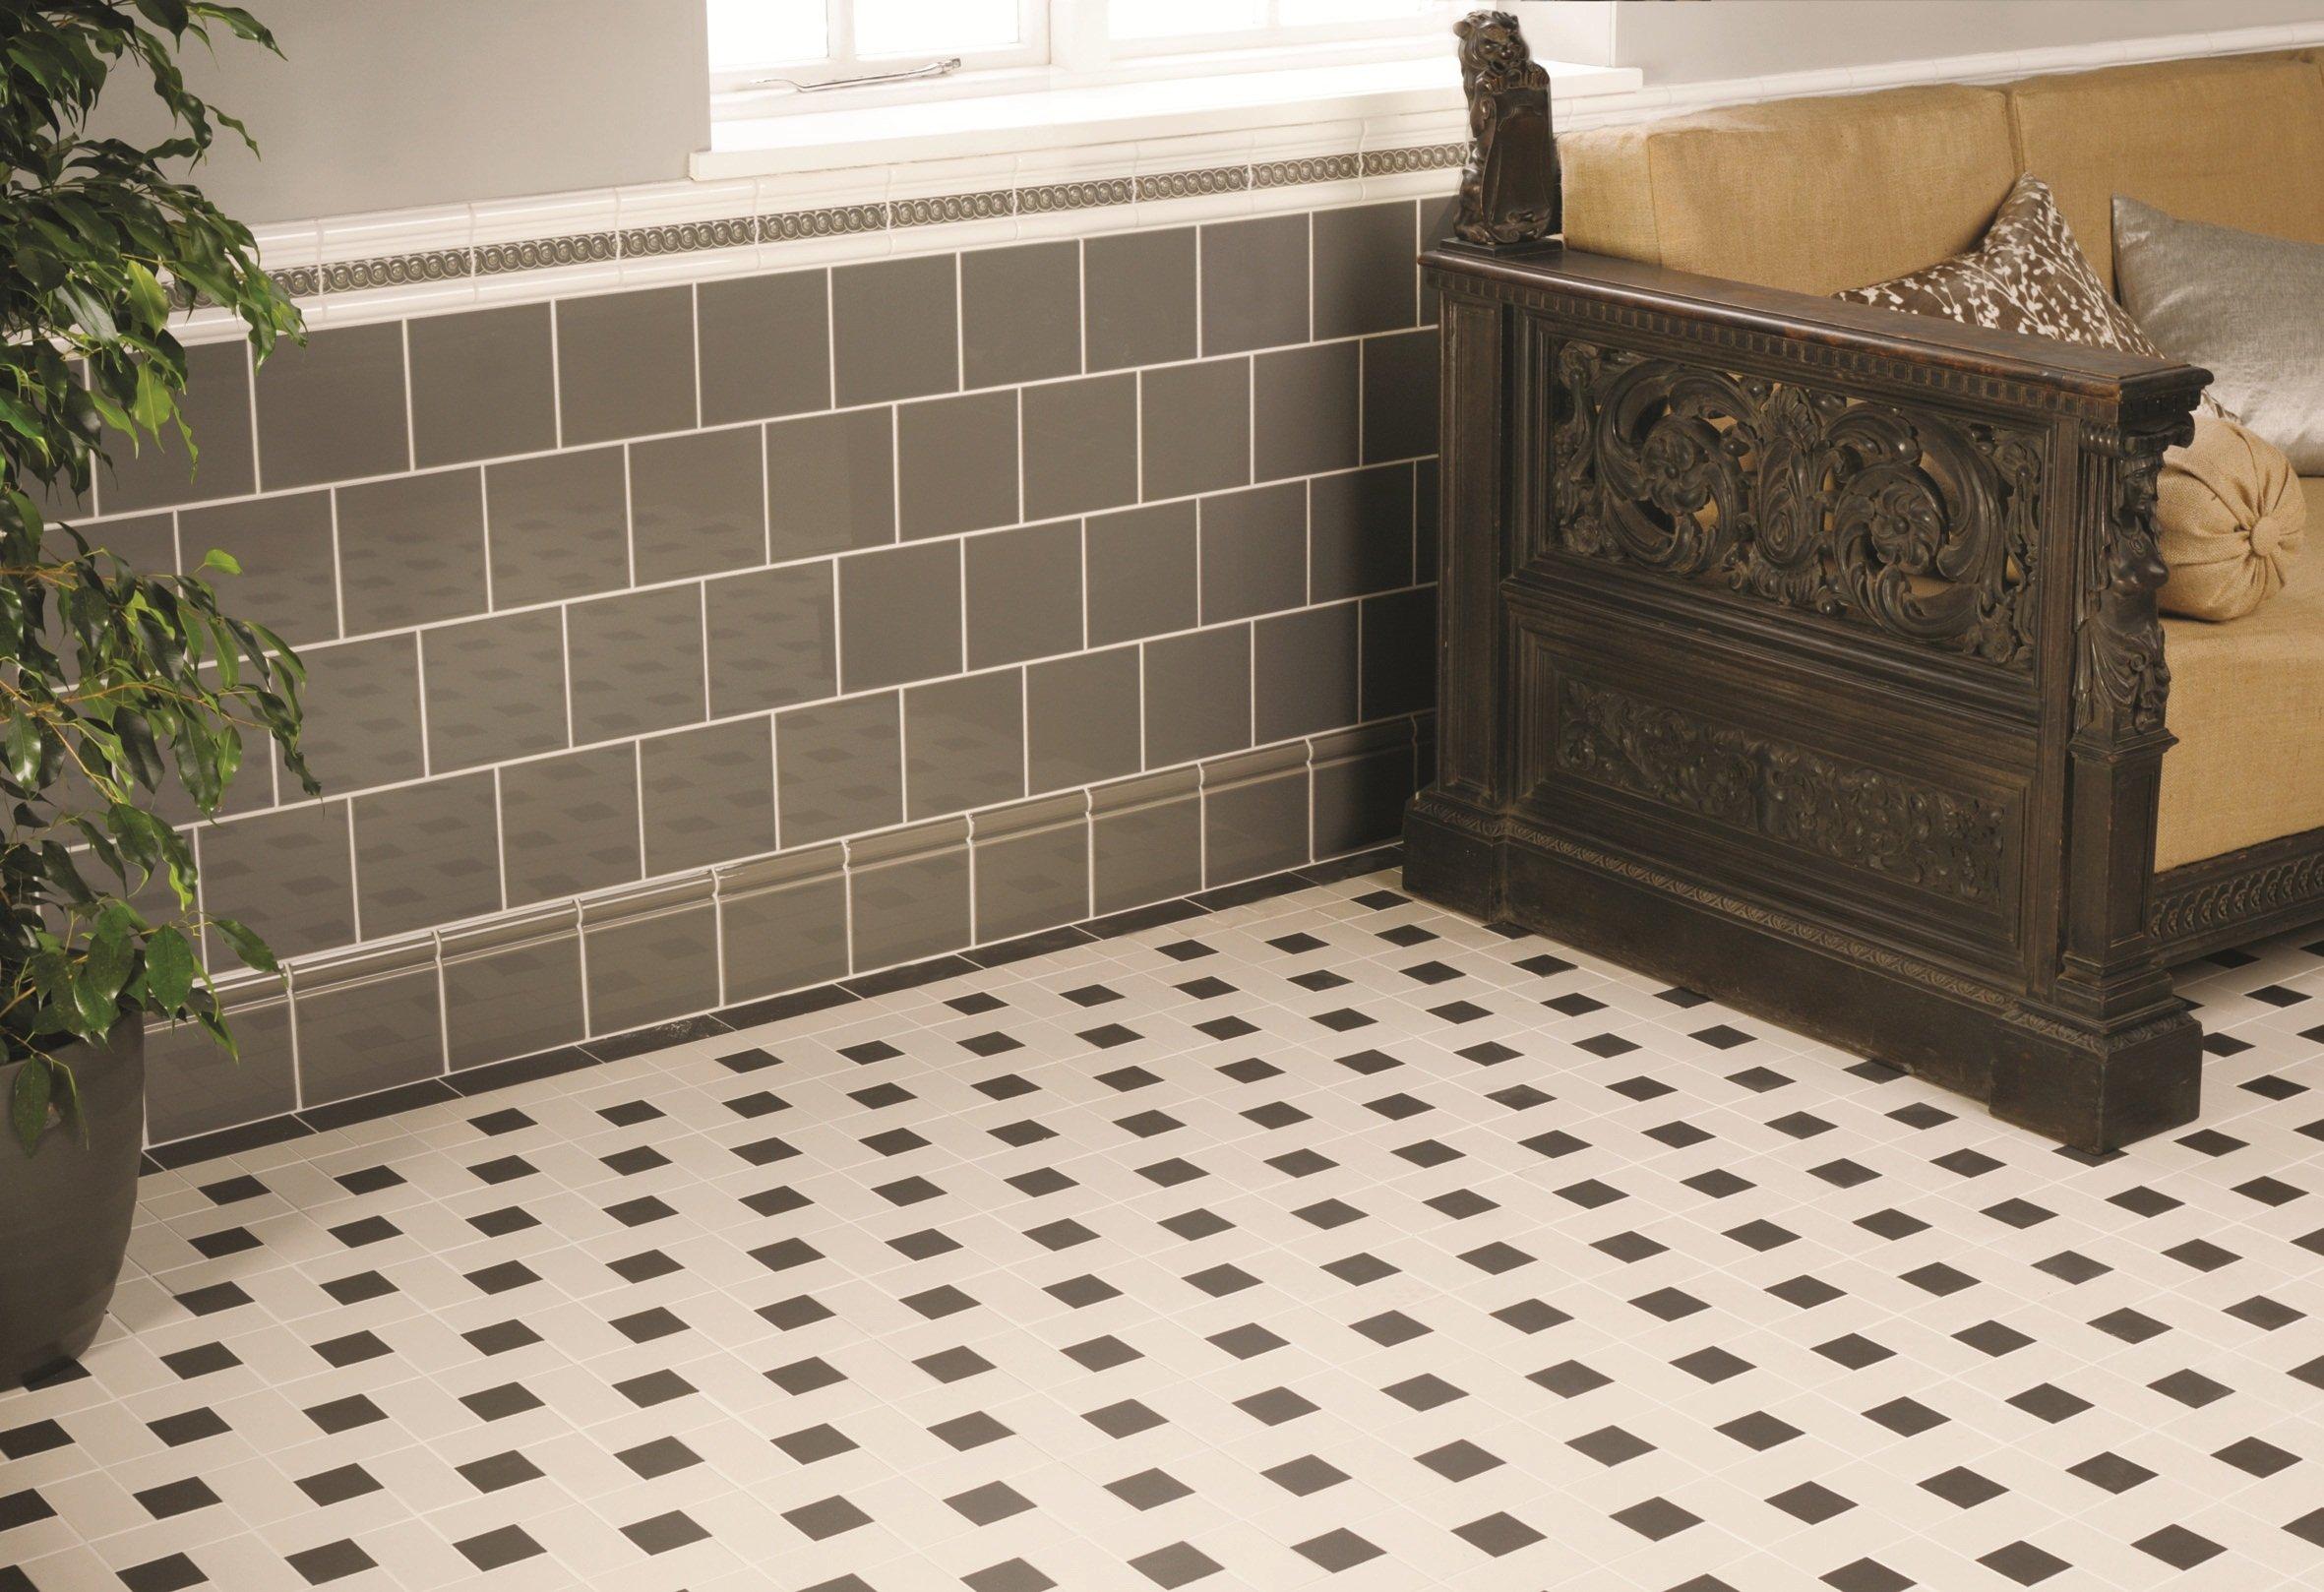 Victorian Kitchen Floor Victorian Tiles Victorian Geometric Floor Tiles